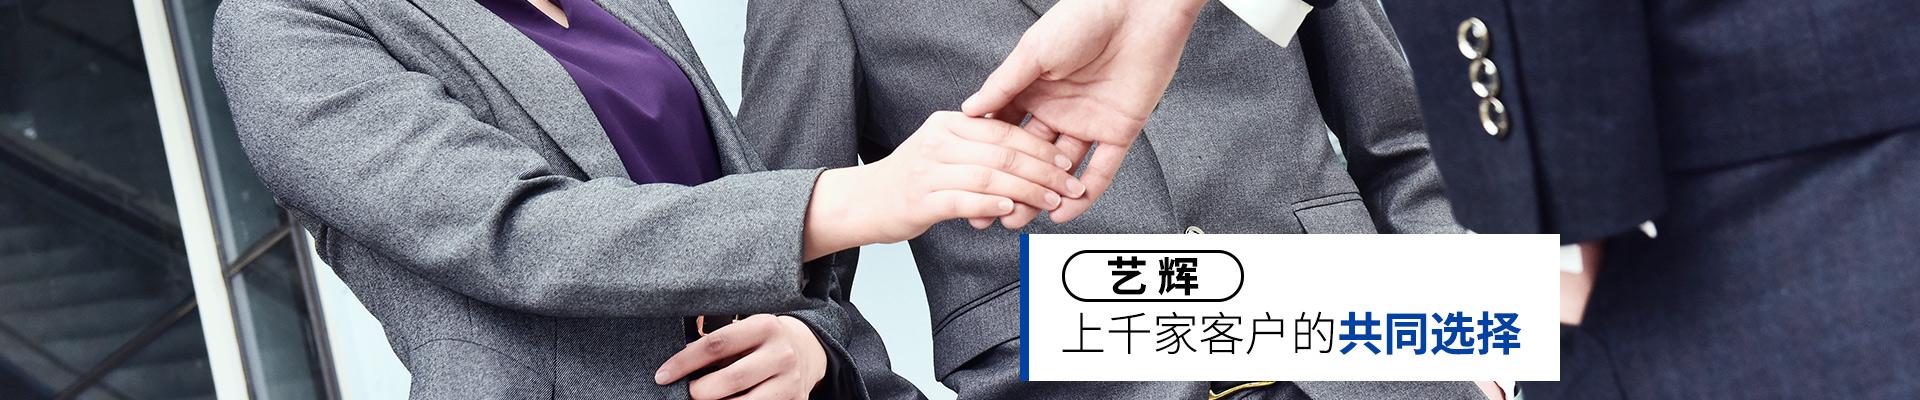 艺辉-上千家客户的共同选择